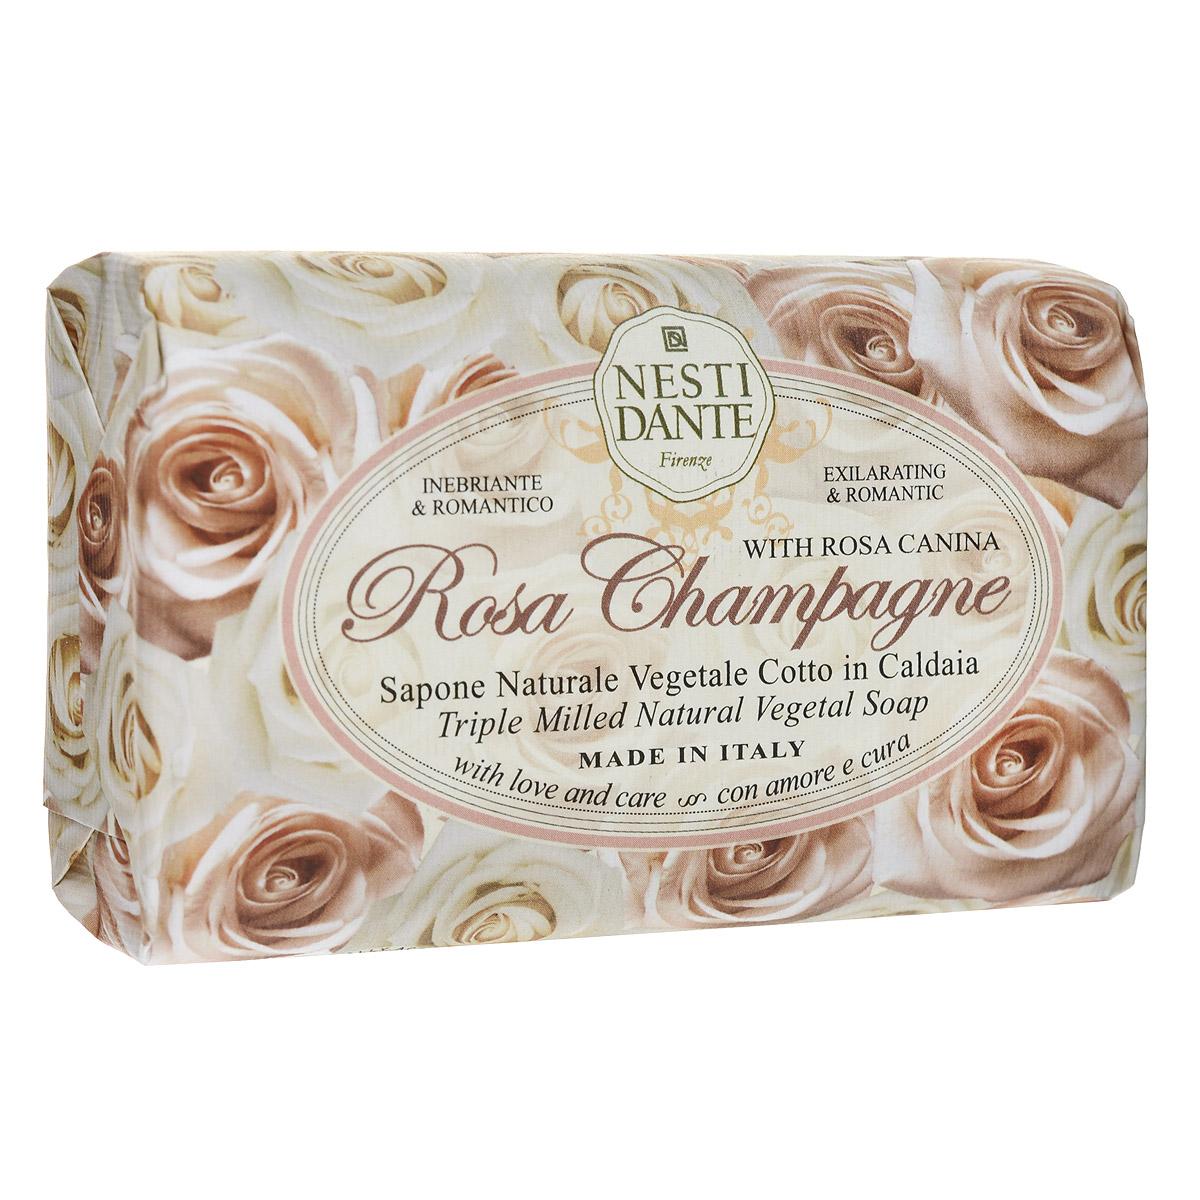 Nesti Dante Мыло Rose Champagne, 150 гSatin Hair 7 BR730MNМыло Nesti Dante Rose Champagne - увлажняющее мыло с ароматом нежных, как шелк, лепестков розы. Характеристики:Вес: 150 г. Артикул: 1323106. Производитель: Италия. Товар сертифицирован.